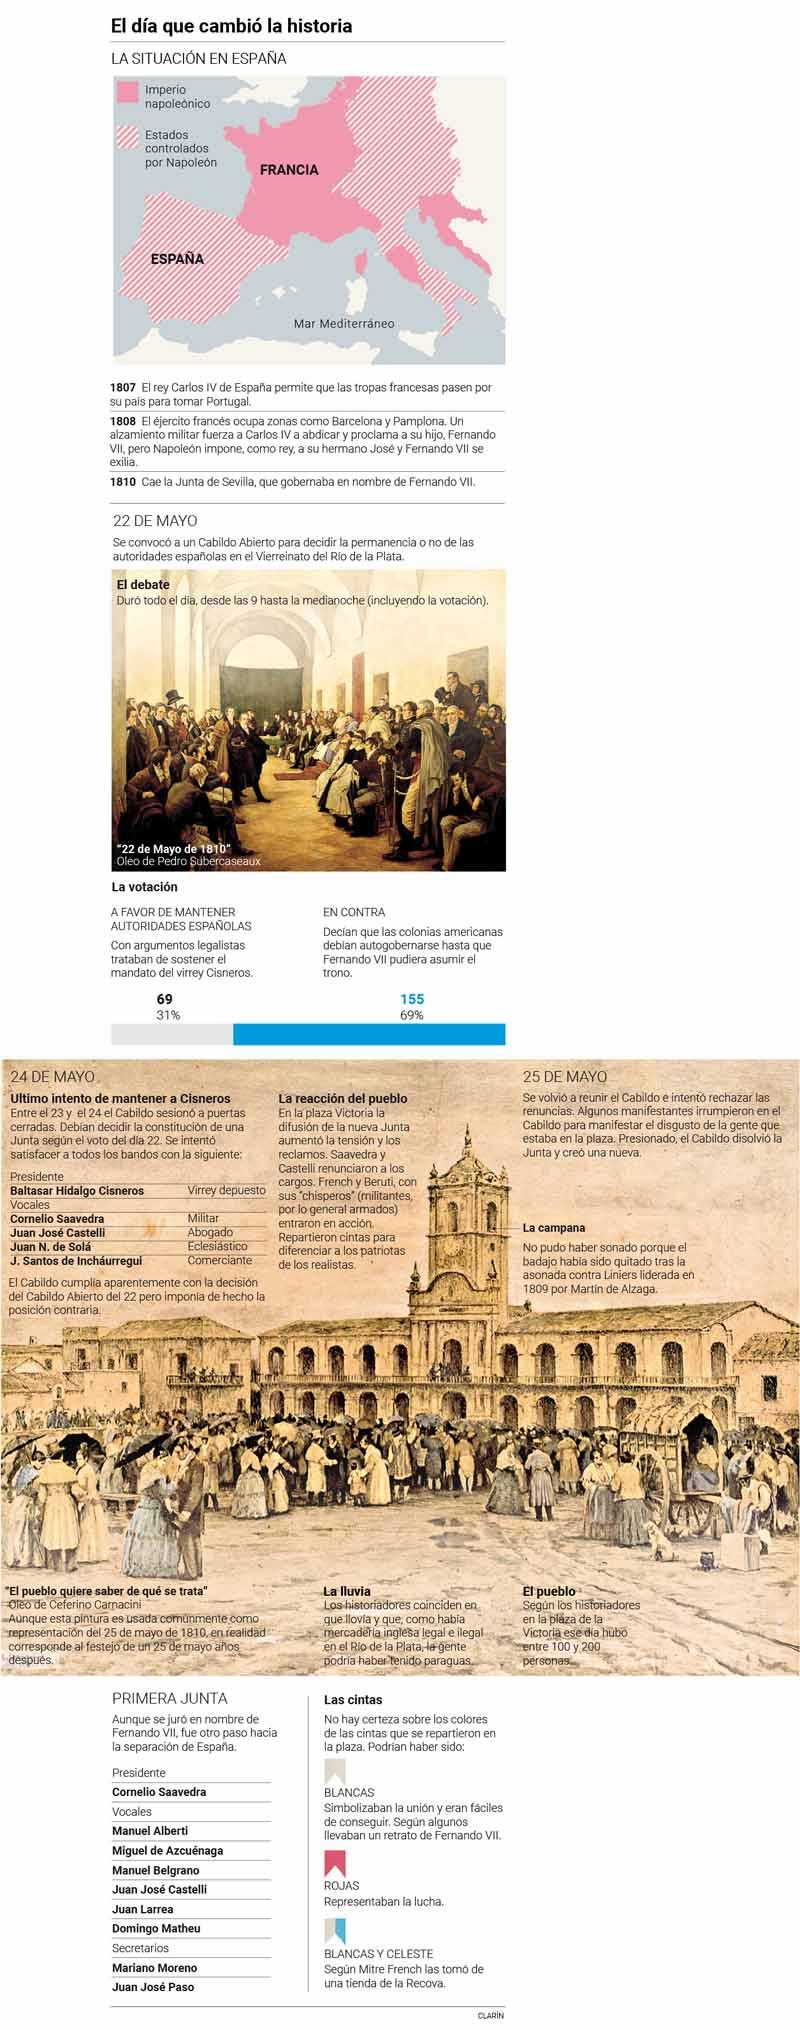 25_de_mayo-1810---WEB2_desktop